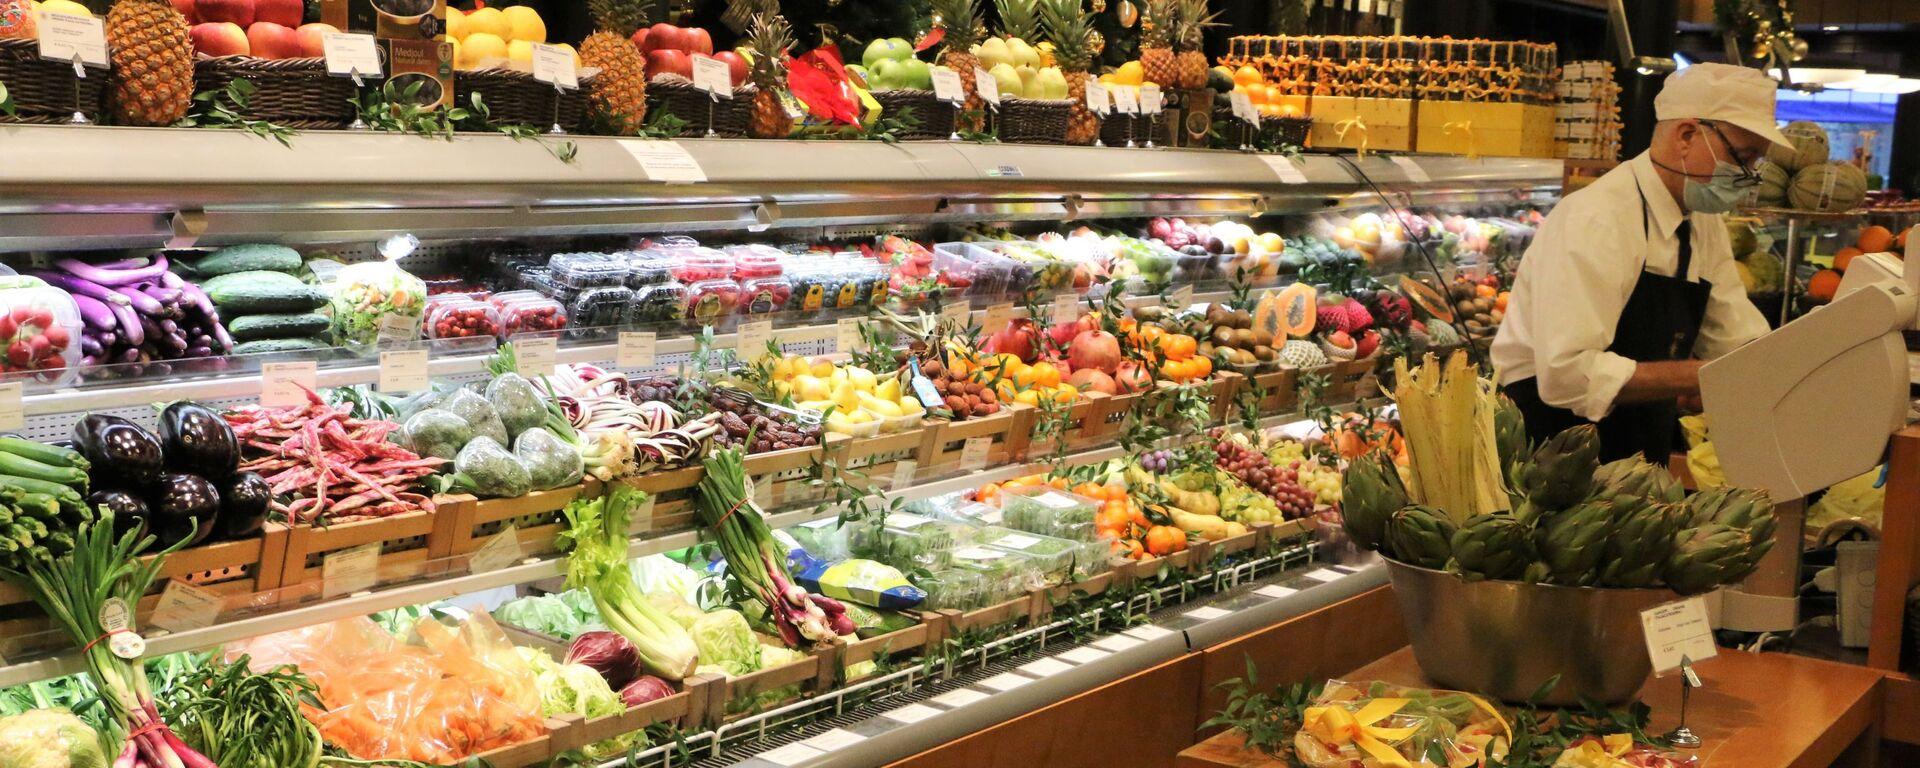 Banco di frutta e verdura in un supermercato - Sputnik Italia, 1920, 03.01.2021